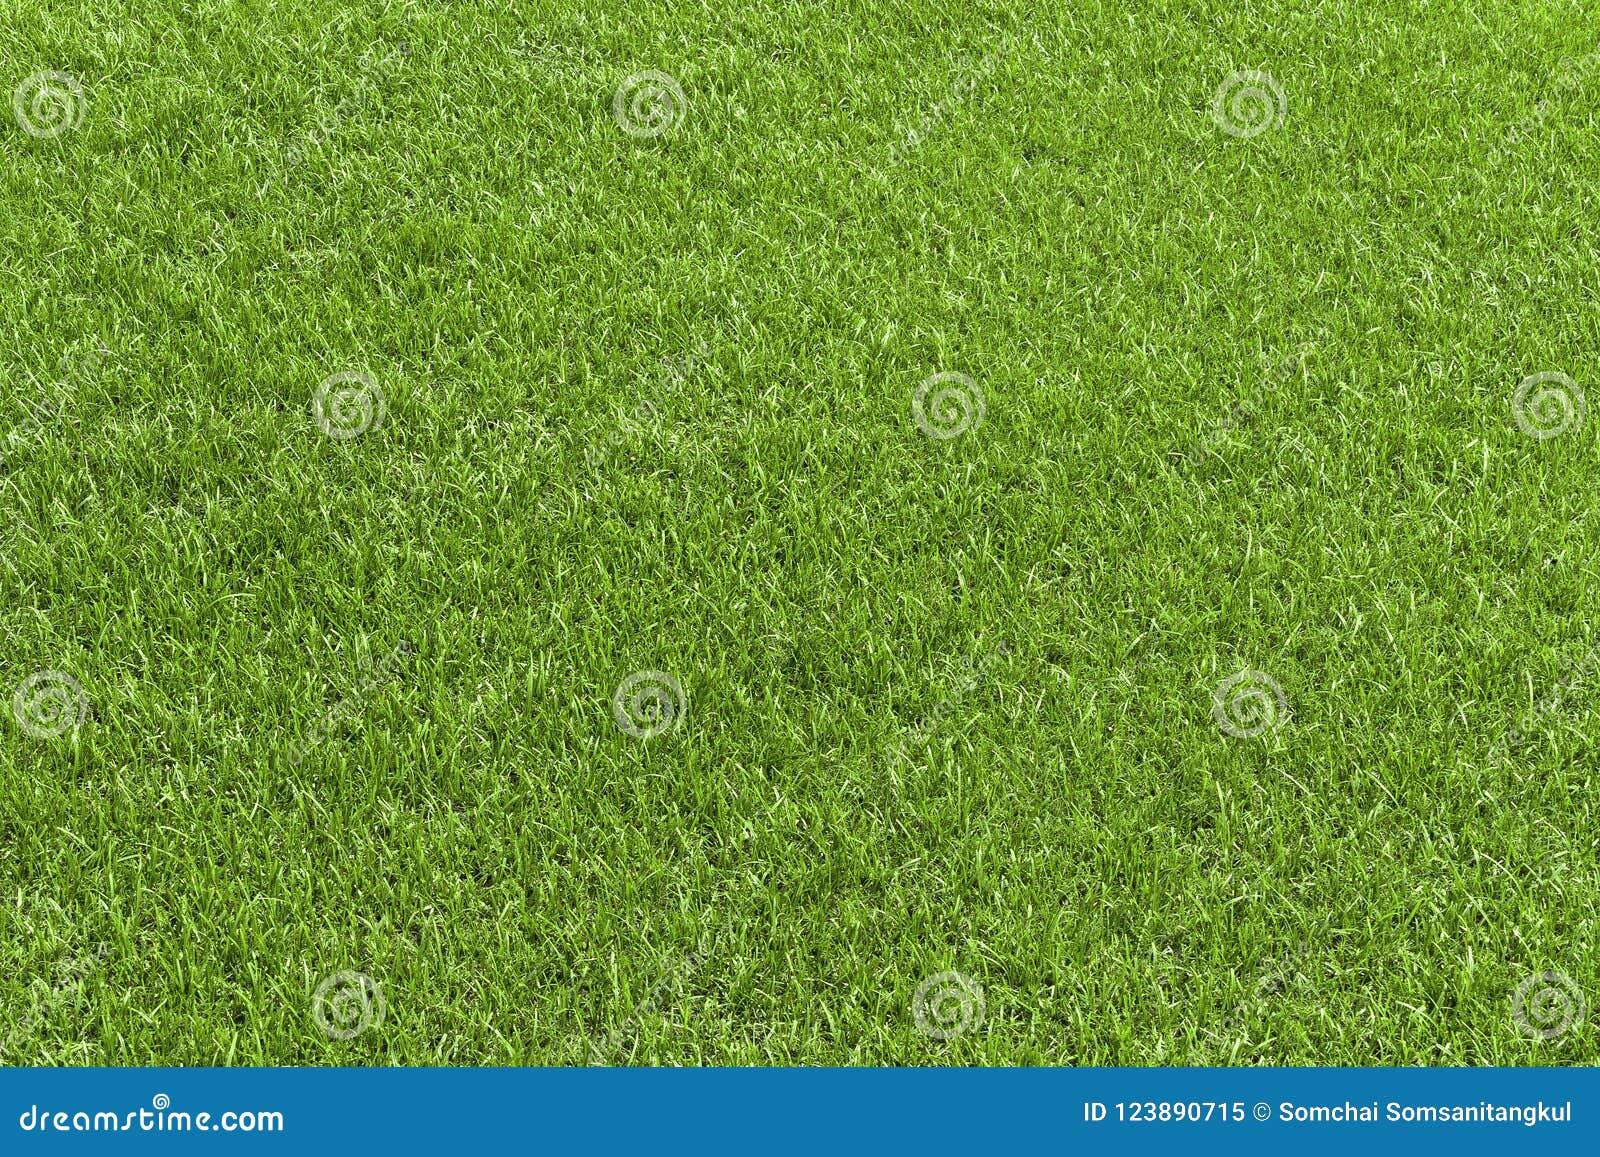 Zielonej trawy pole, zielony lawb dobry dla tekstury i tło,